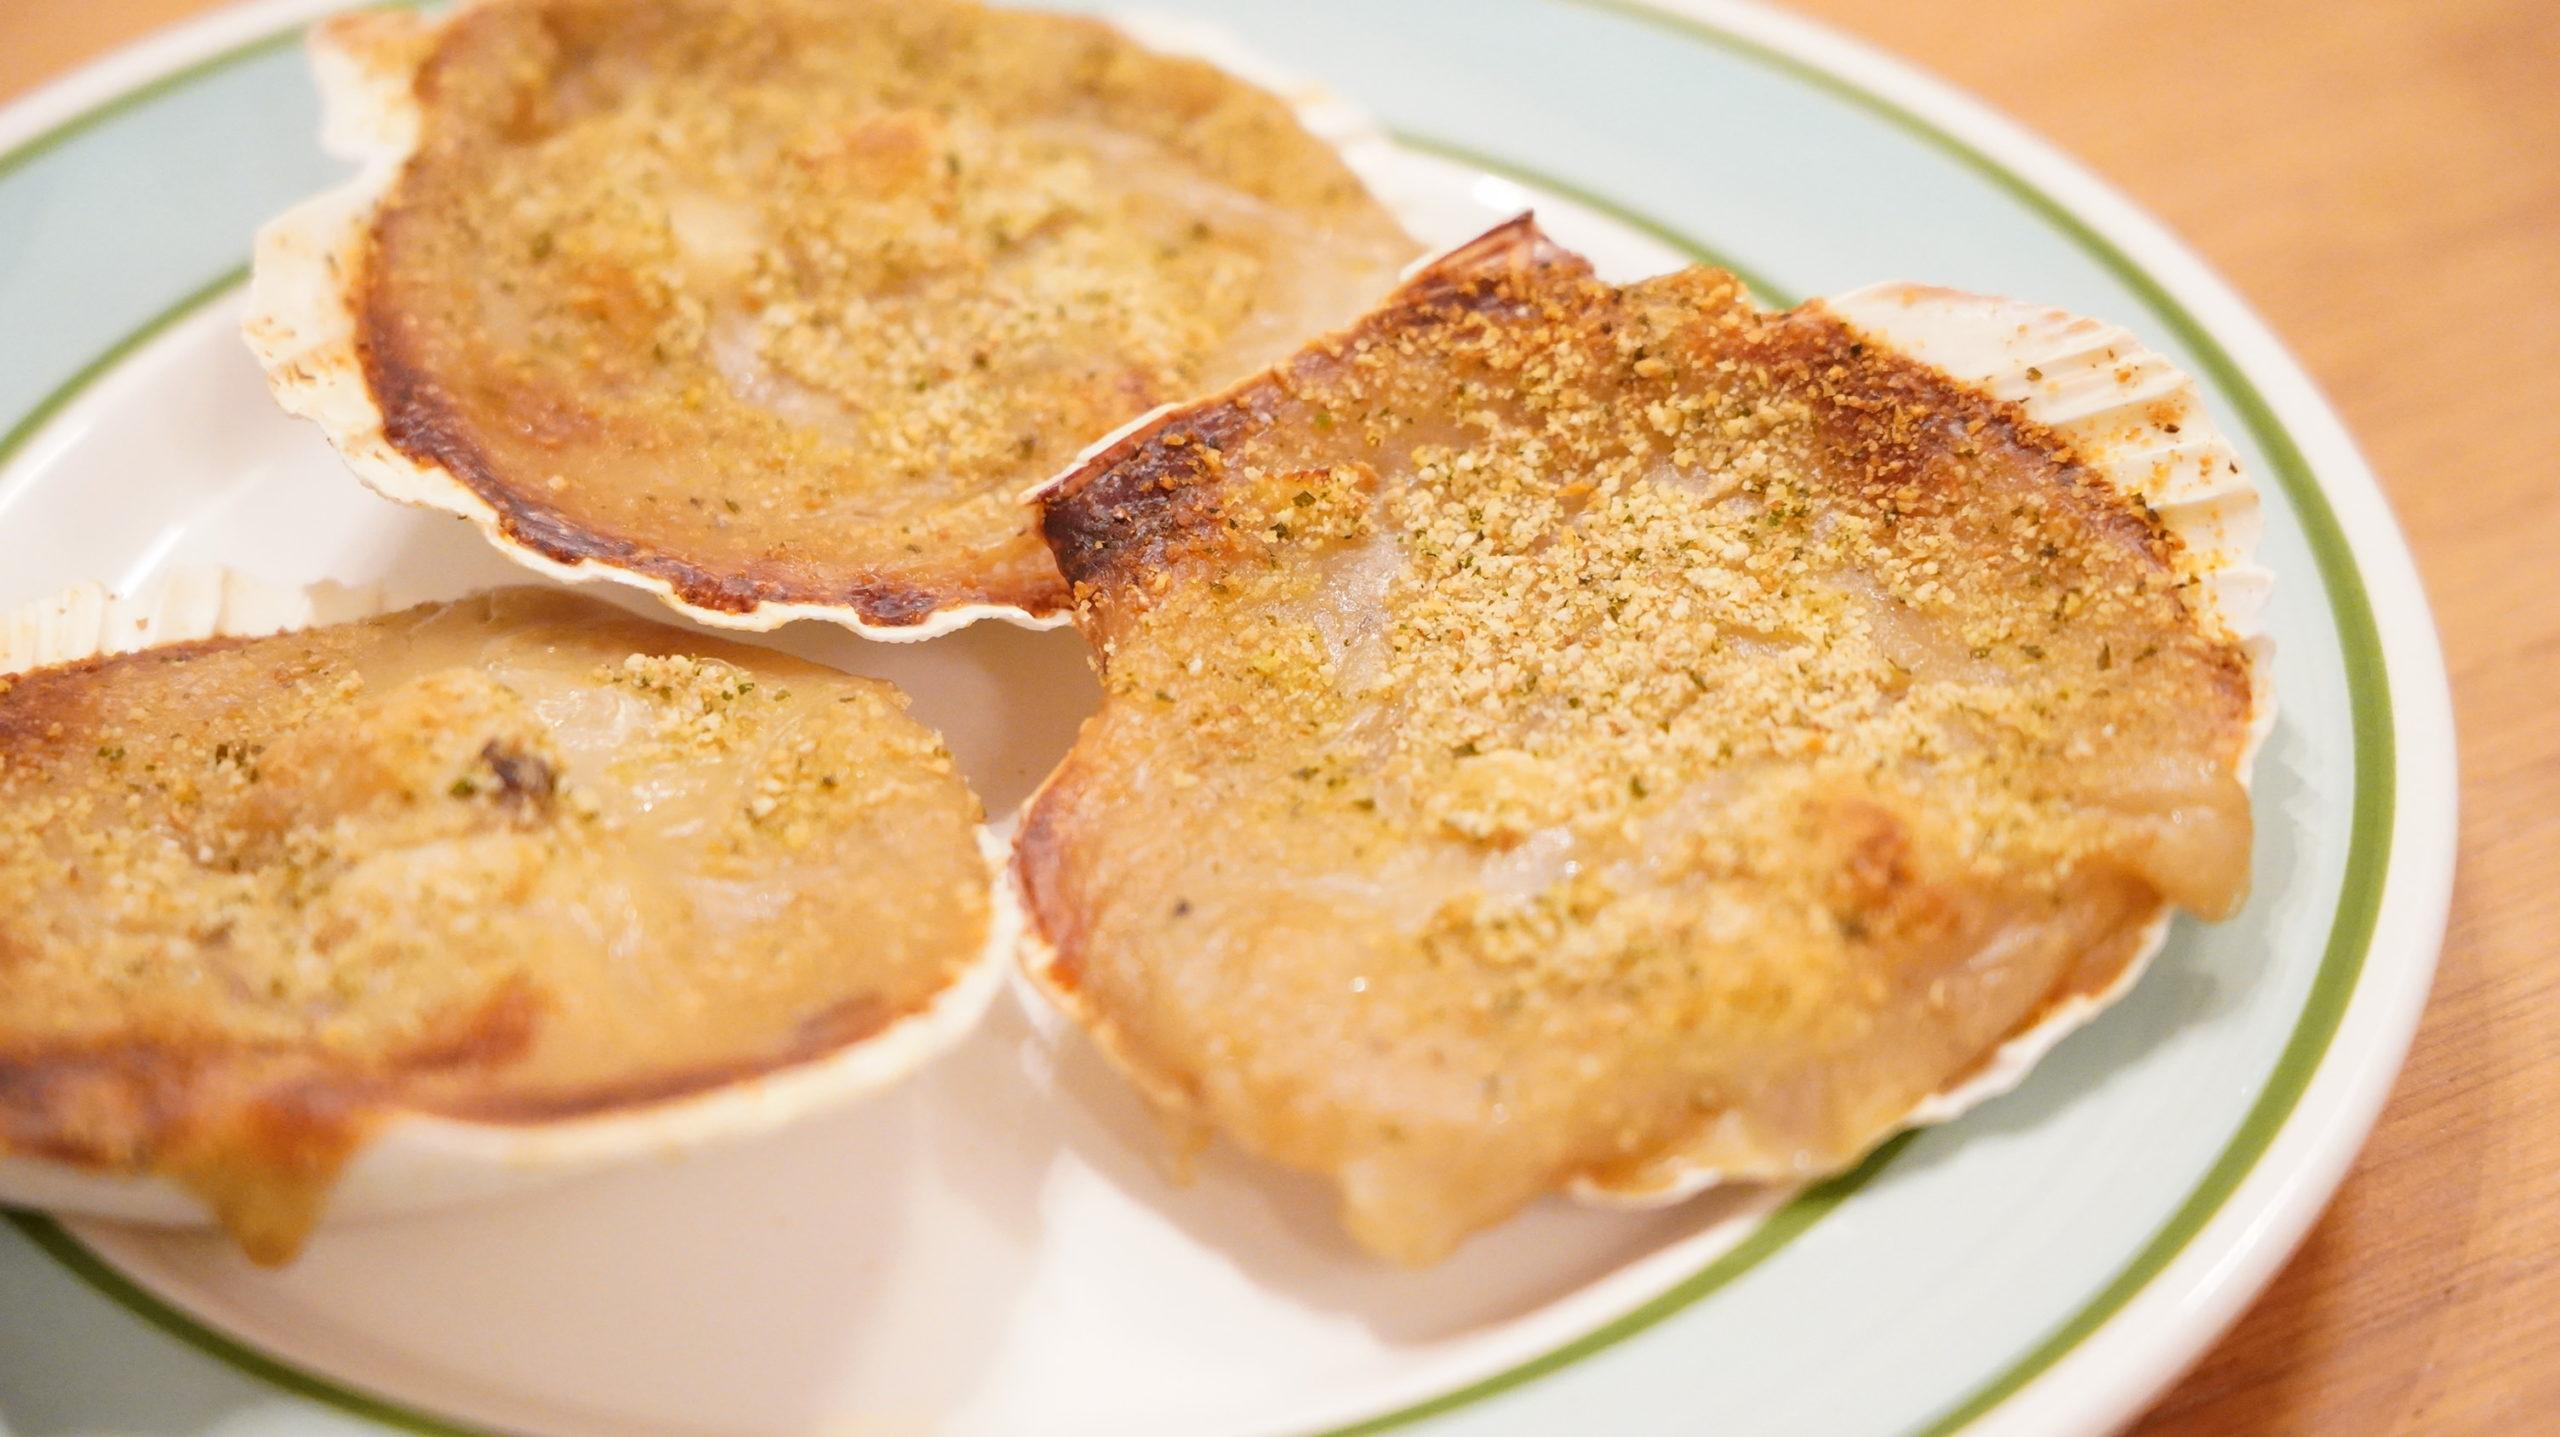 ピカールの冷凍食品「サンジャックのオーブン焼き・ノルマンディ―風」のグラタンの写真